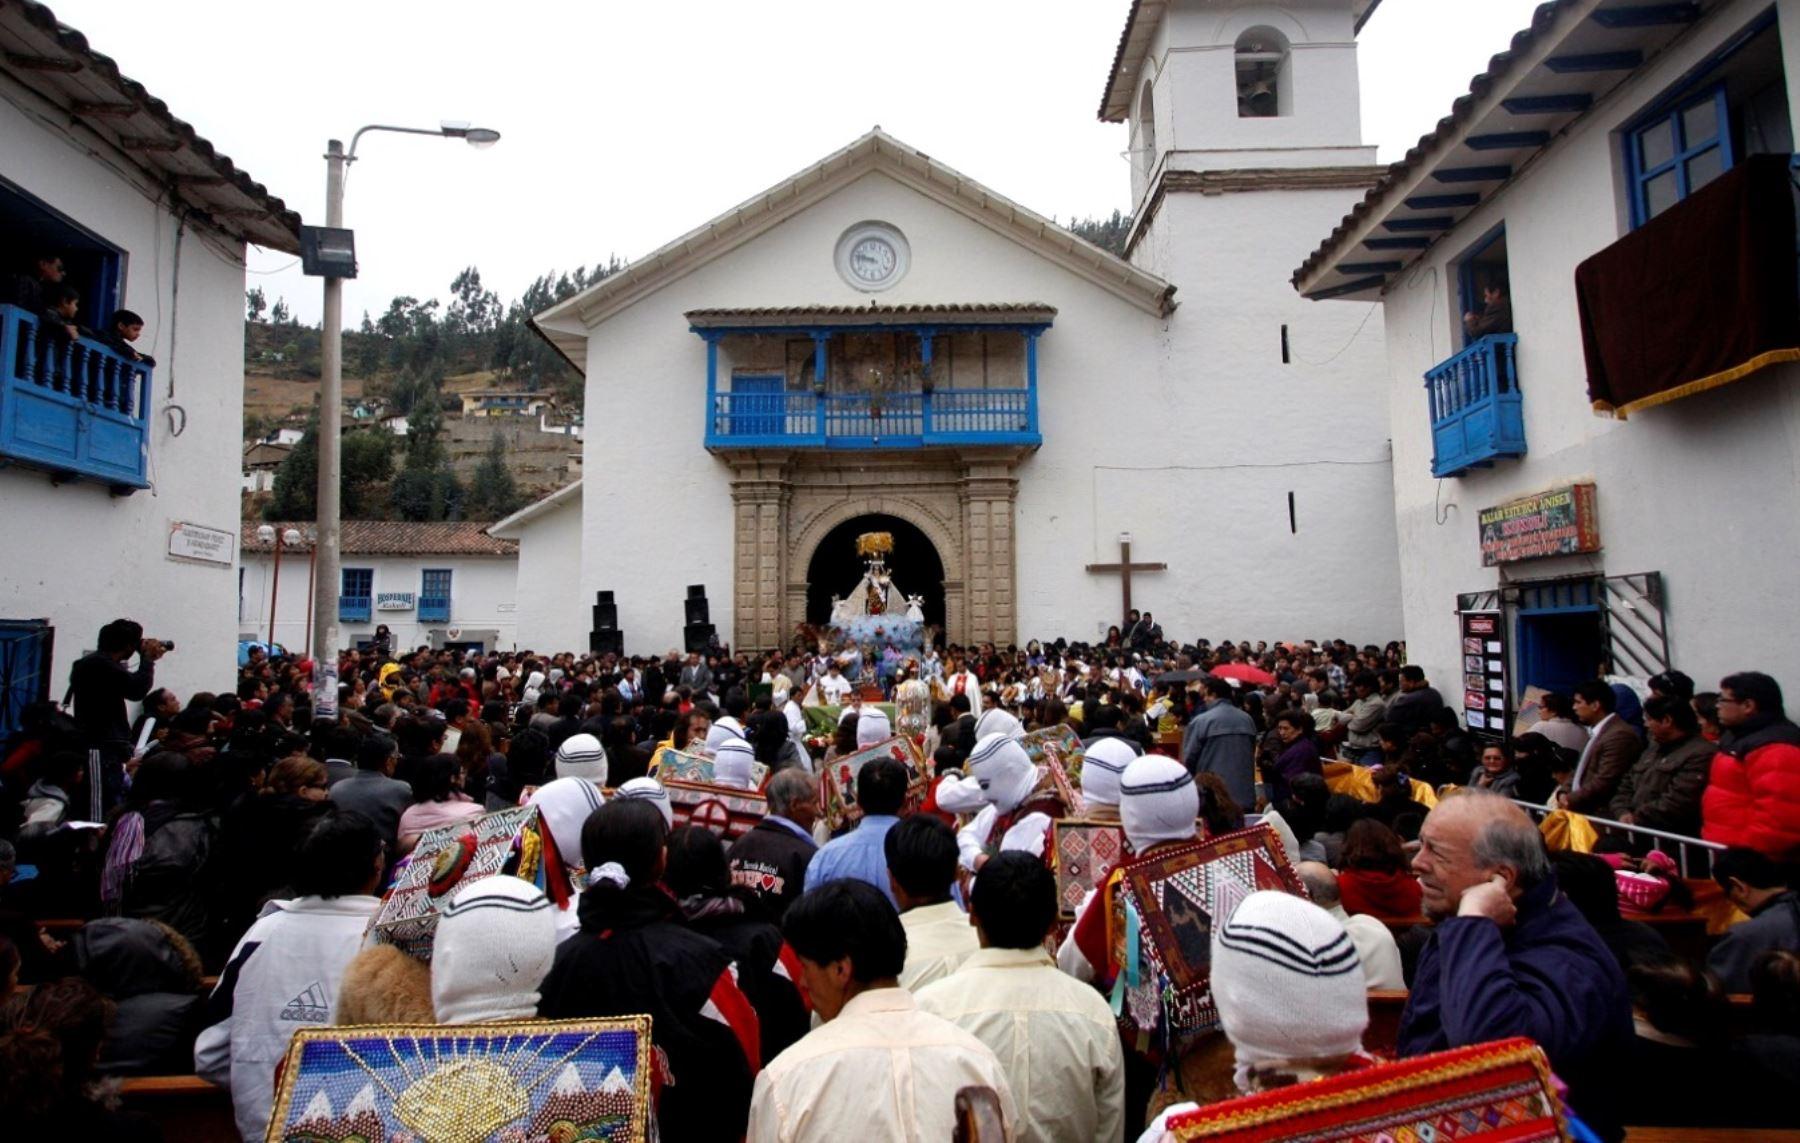 Miles de devotos y viajeros se congregan en Paucartambo para participar de actos por fiesta de la Virgen del Carmen. ANDINA/Percy Hurtado